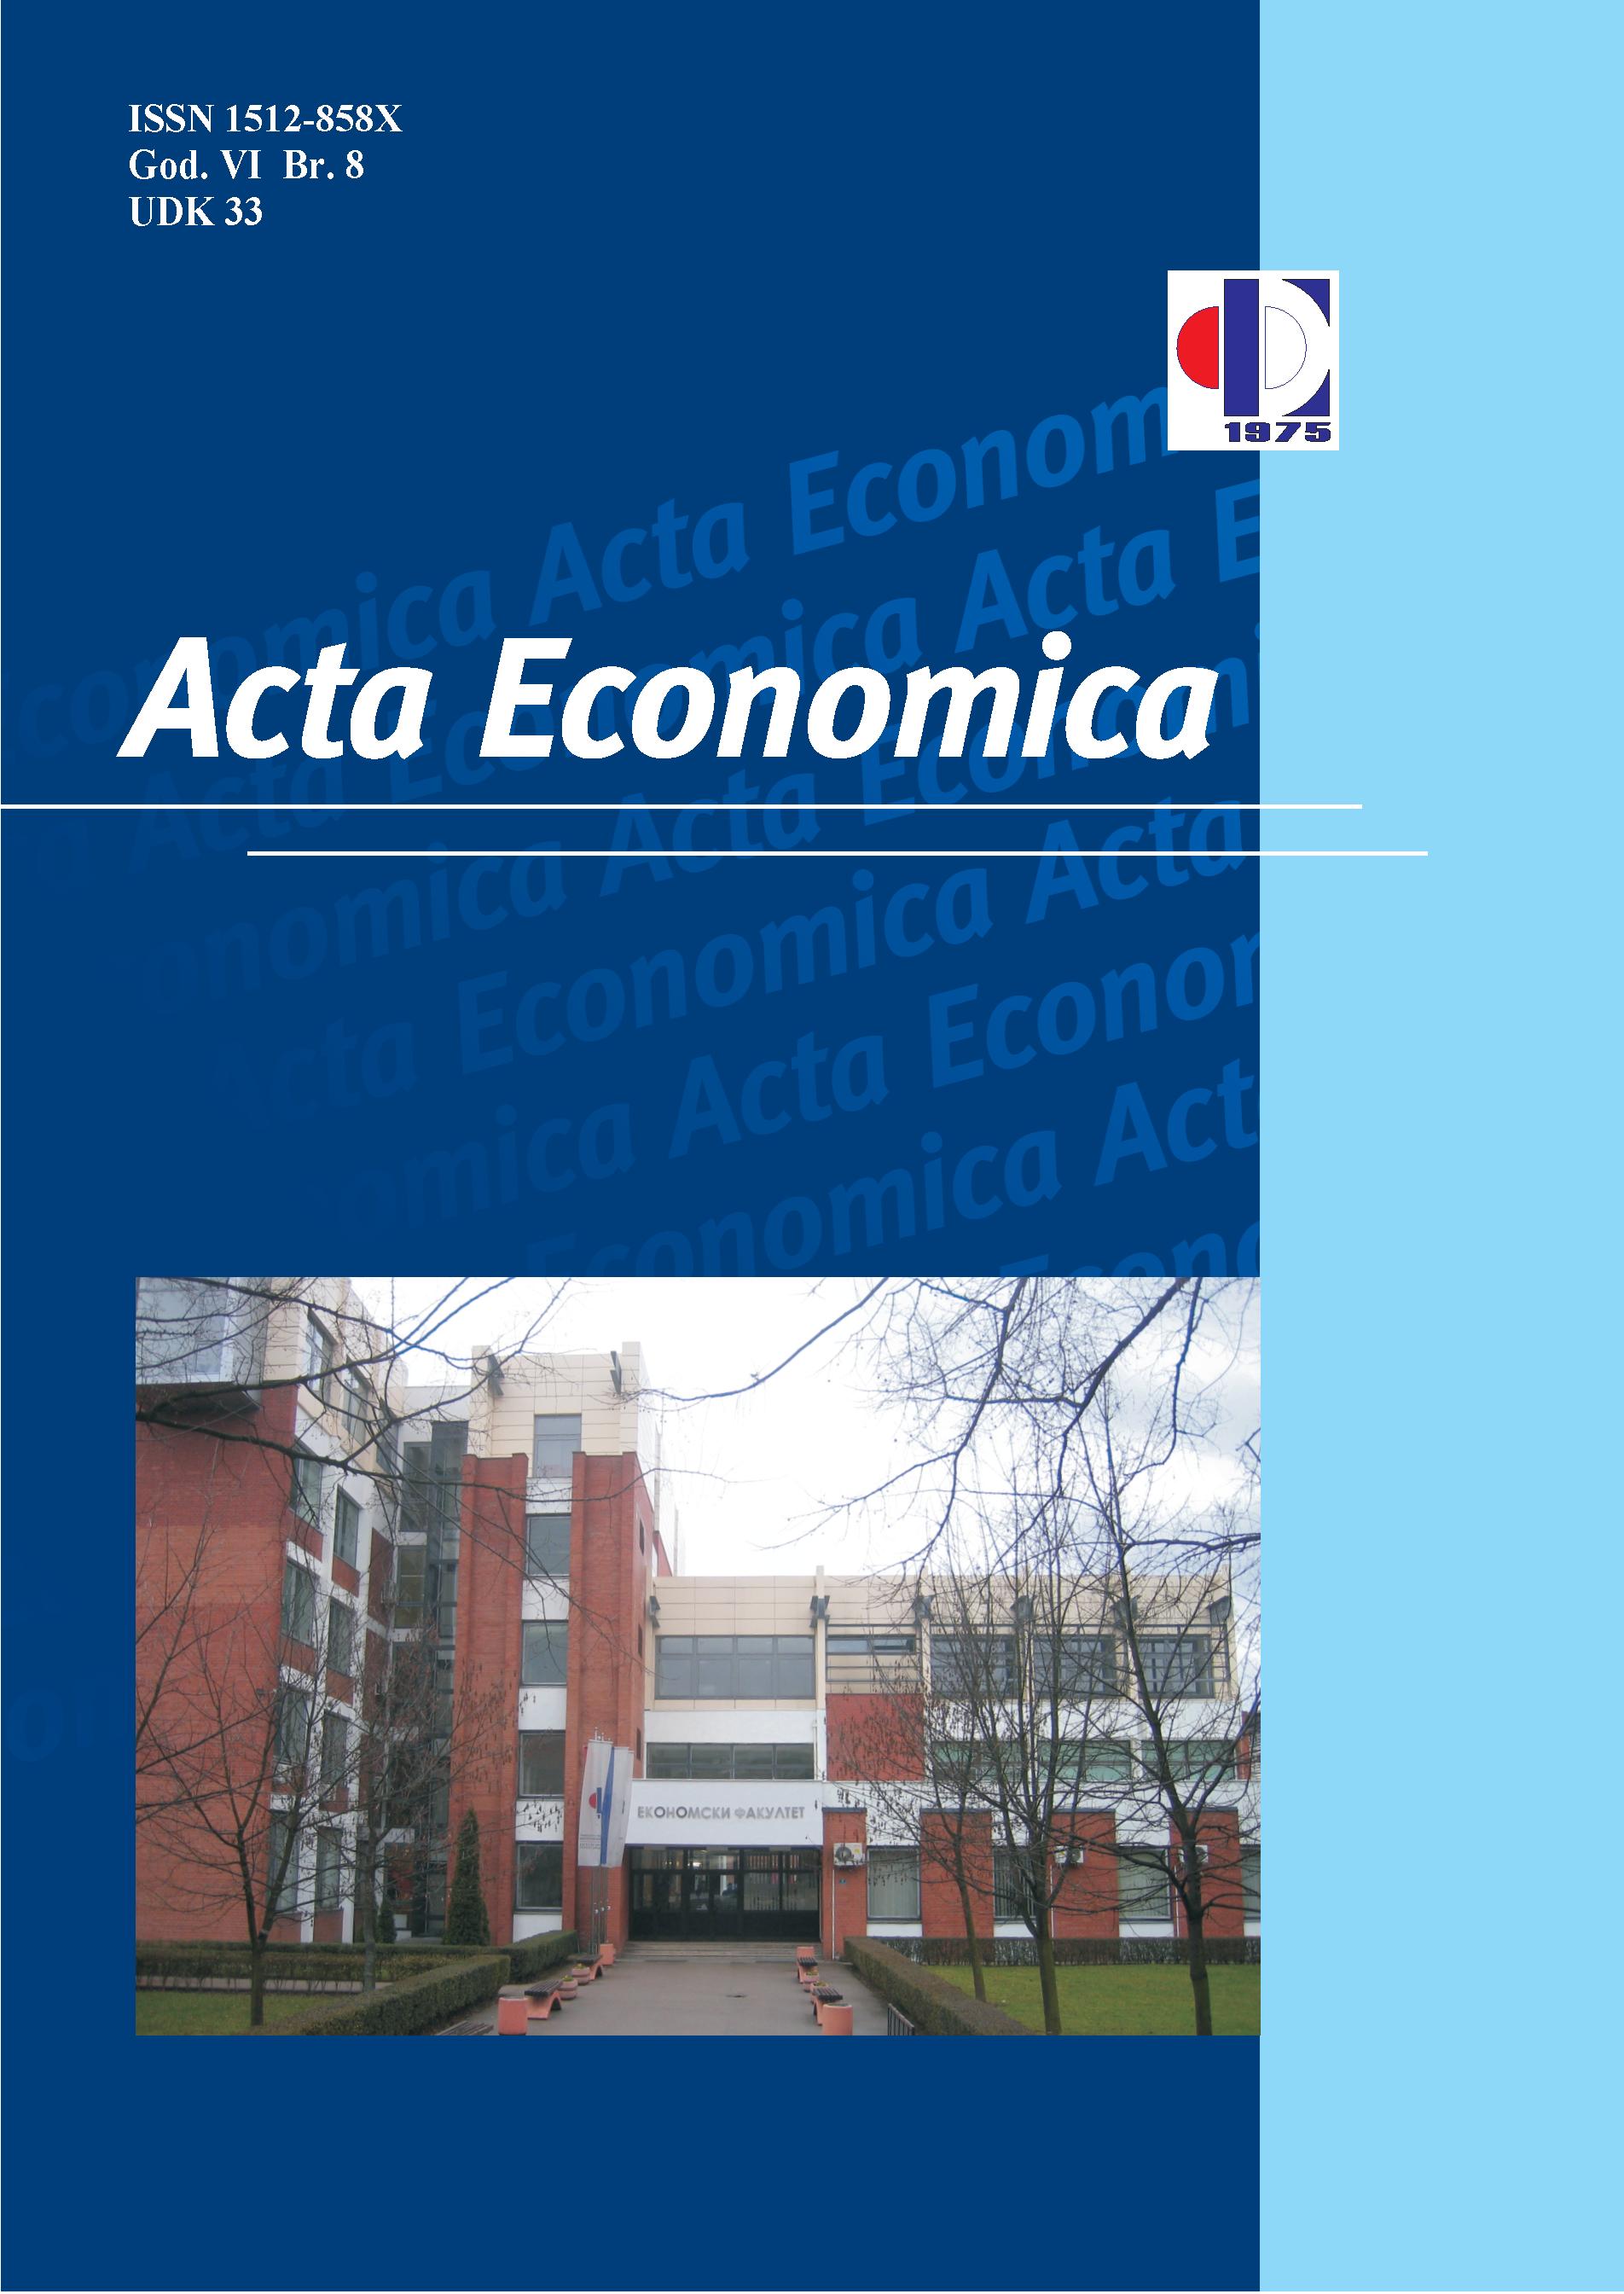 View Vol. 4 No. 5 (2006): Acta Economica